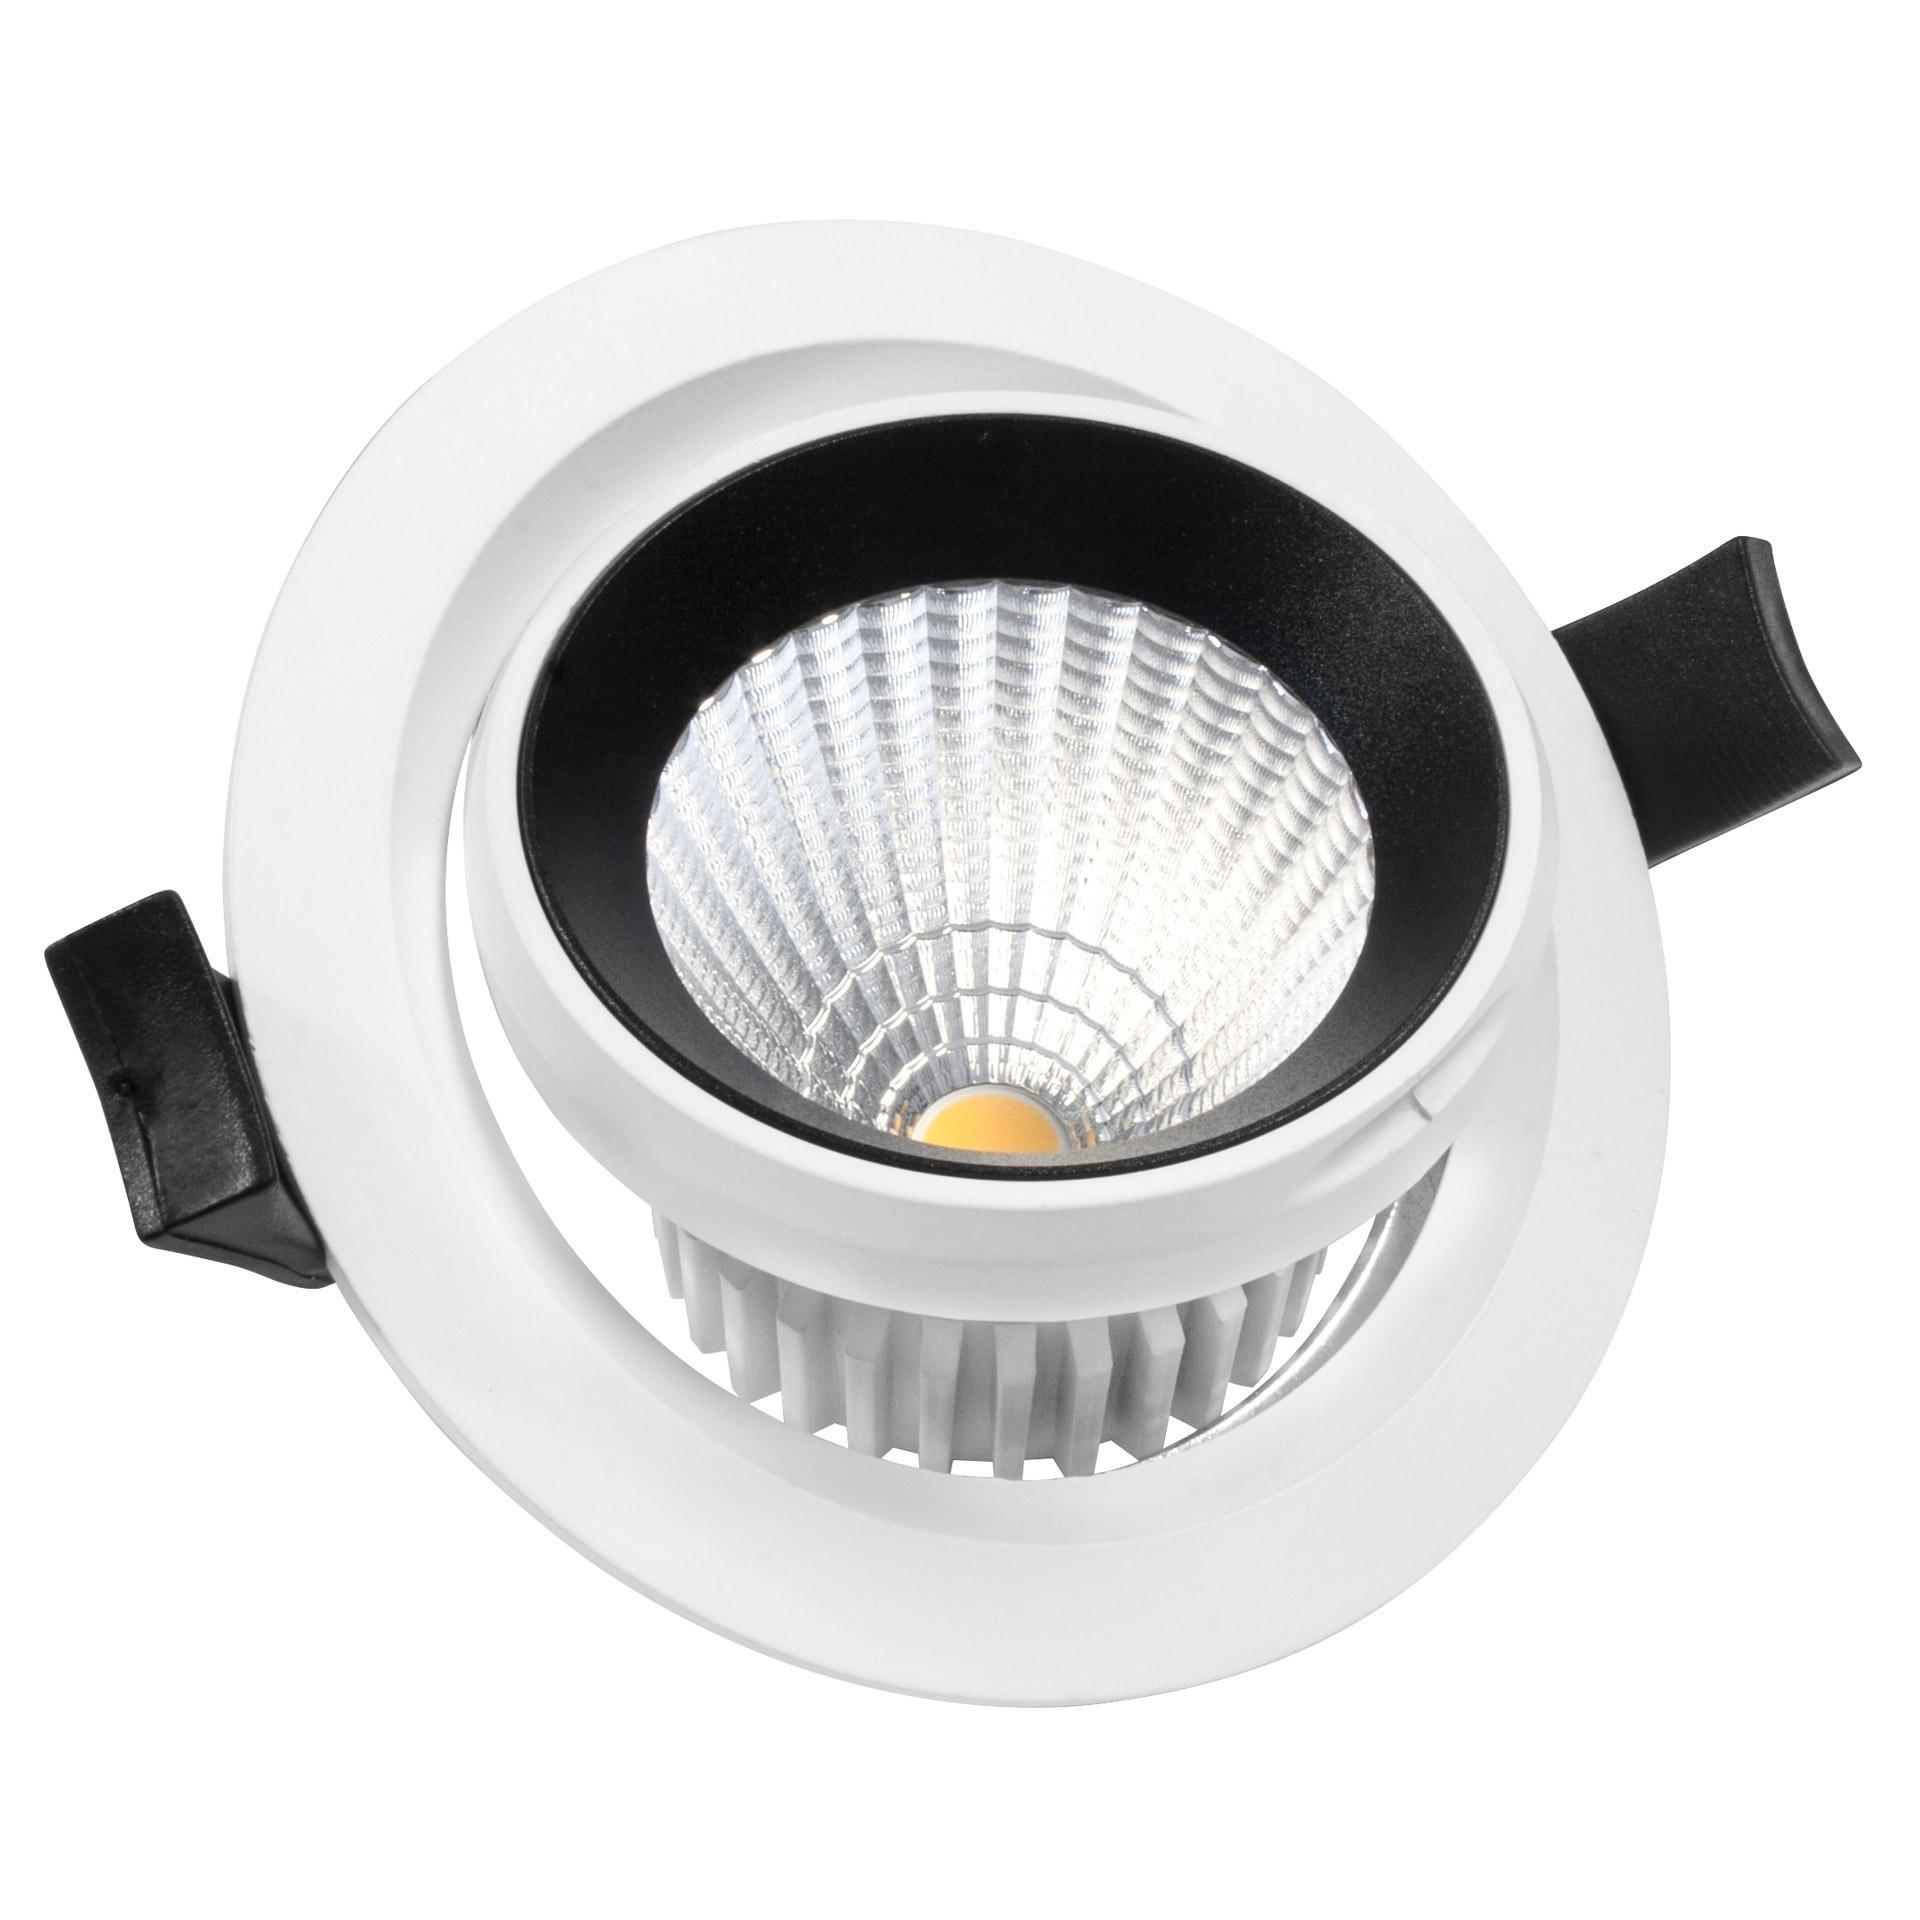 KYOTECH lot de 10 Cadre spot orientable ultra plat led Blanc spot led encastrable gu10 Rond,Cadre spot livr/é avec douilles GU10,Cadre spot encastrable Pour lampes halog/ènes GU10 MR16 led module